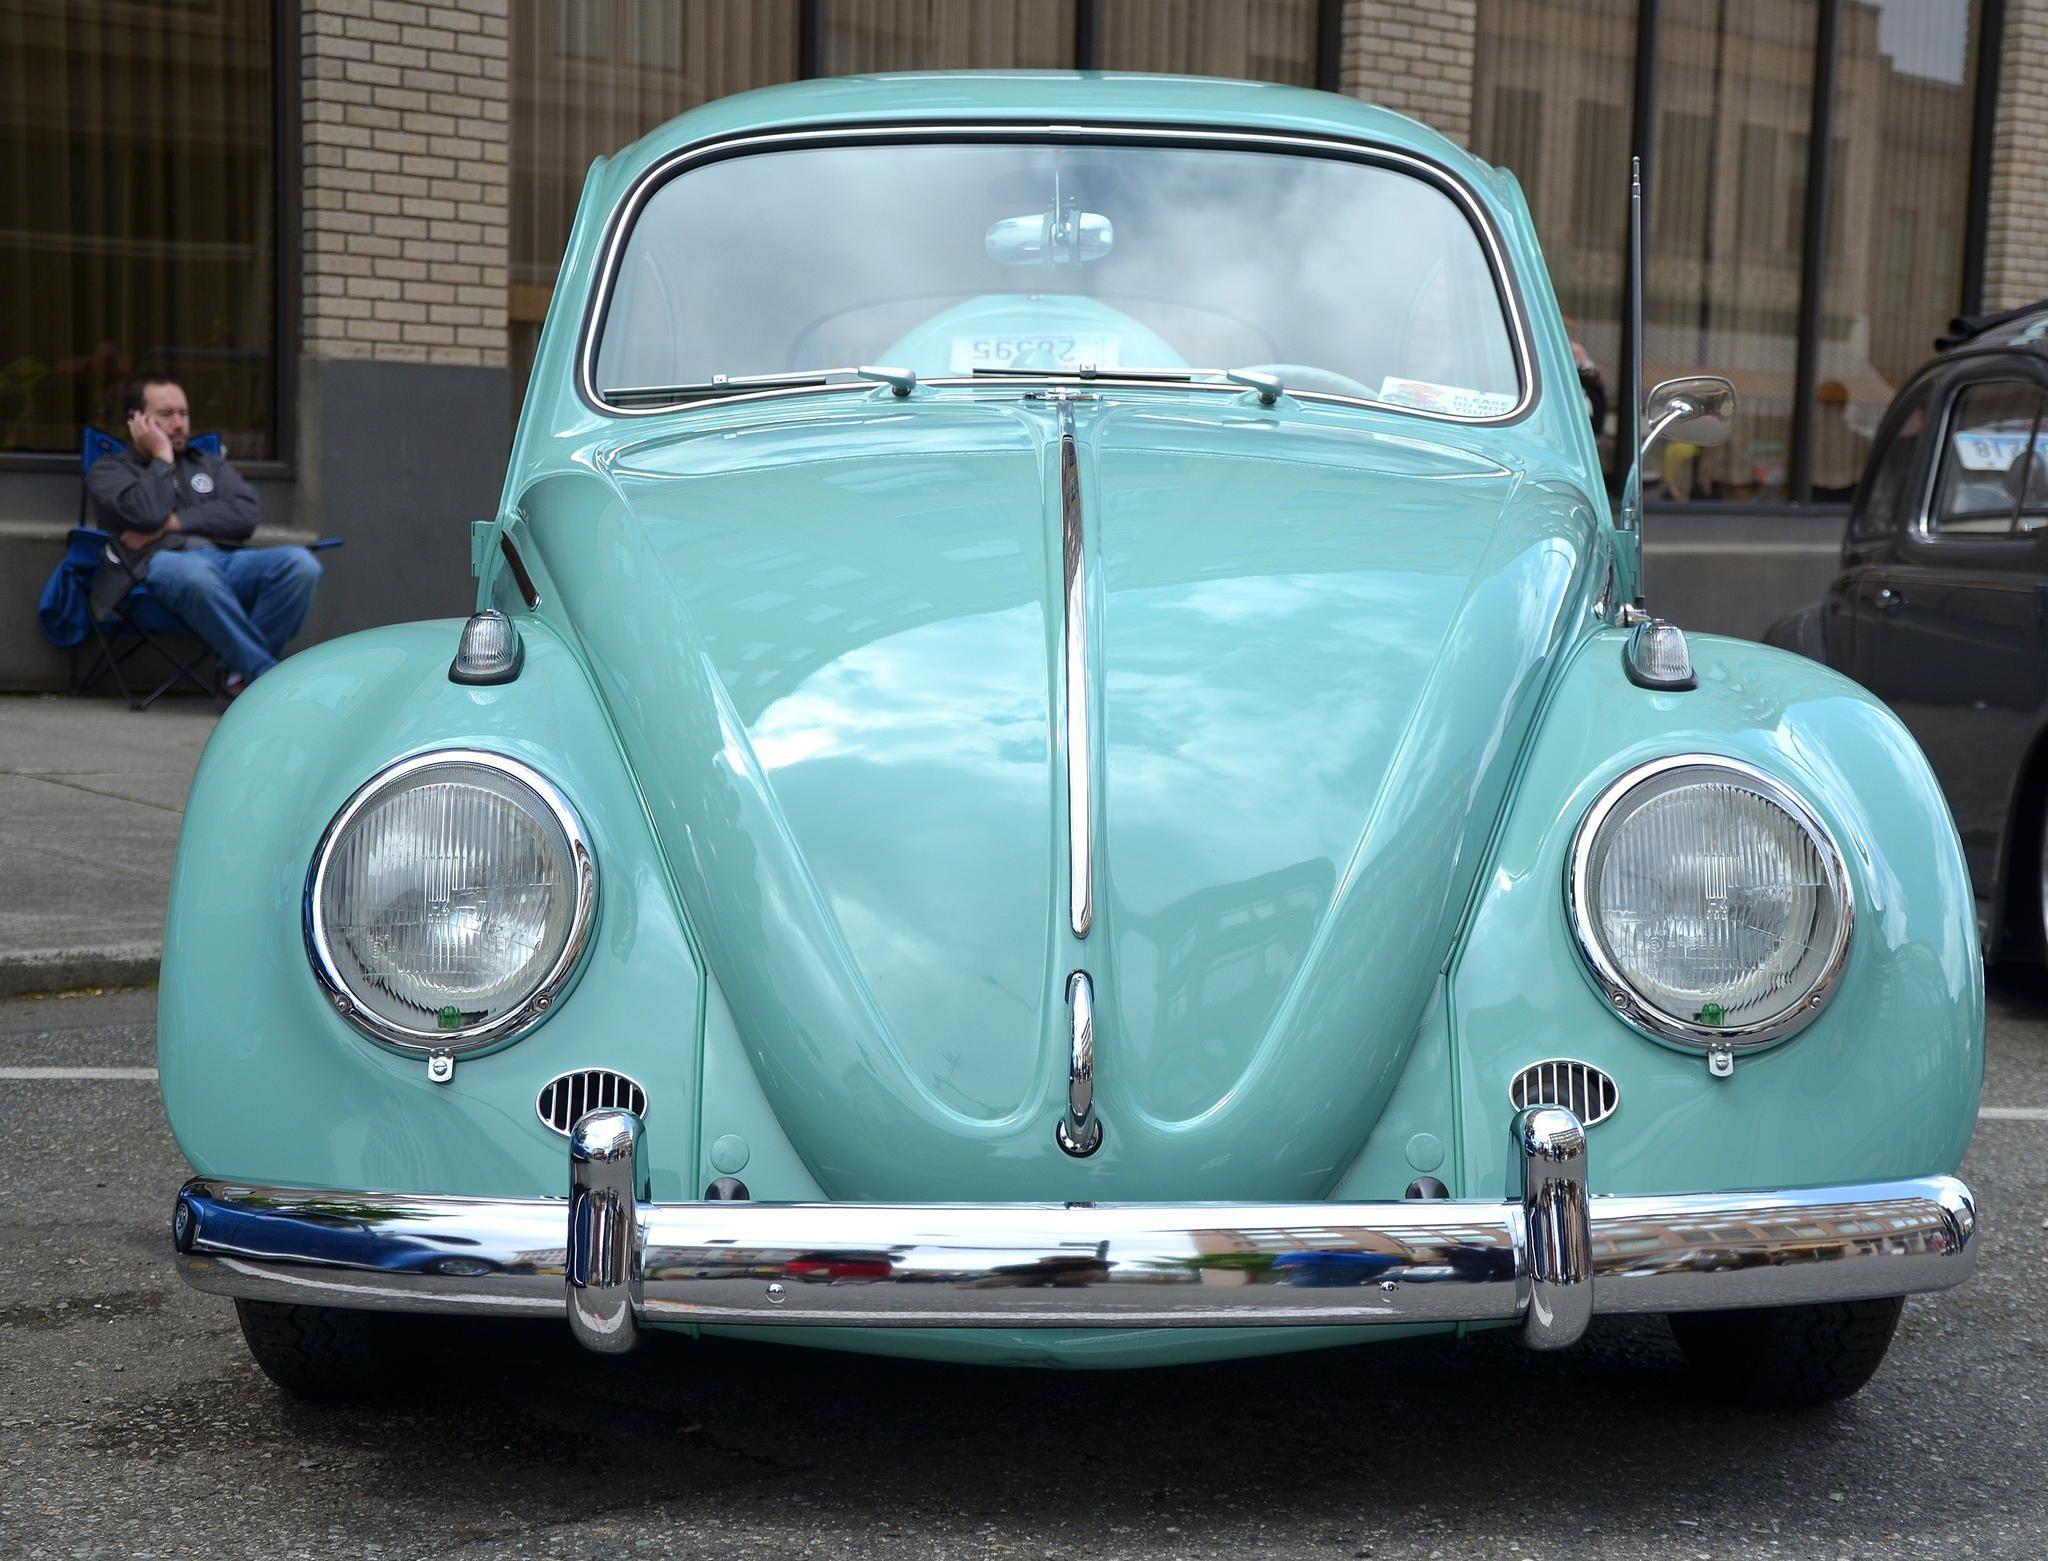 la voiture de mes r ves cool bleue et si mimi pour. Black Bedroom Furniture Sets. Home Design Ideas